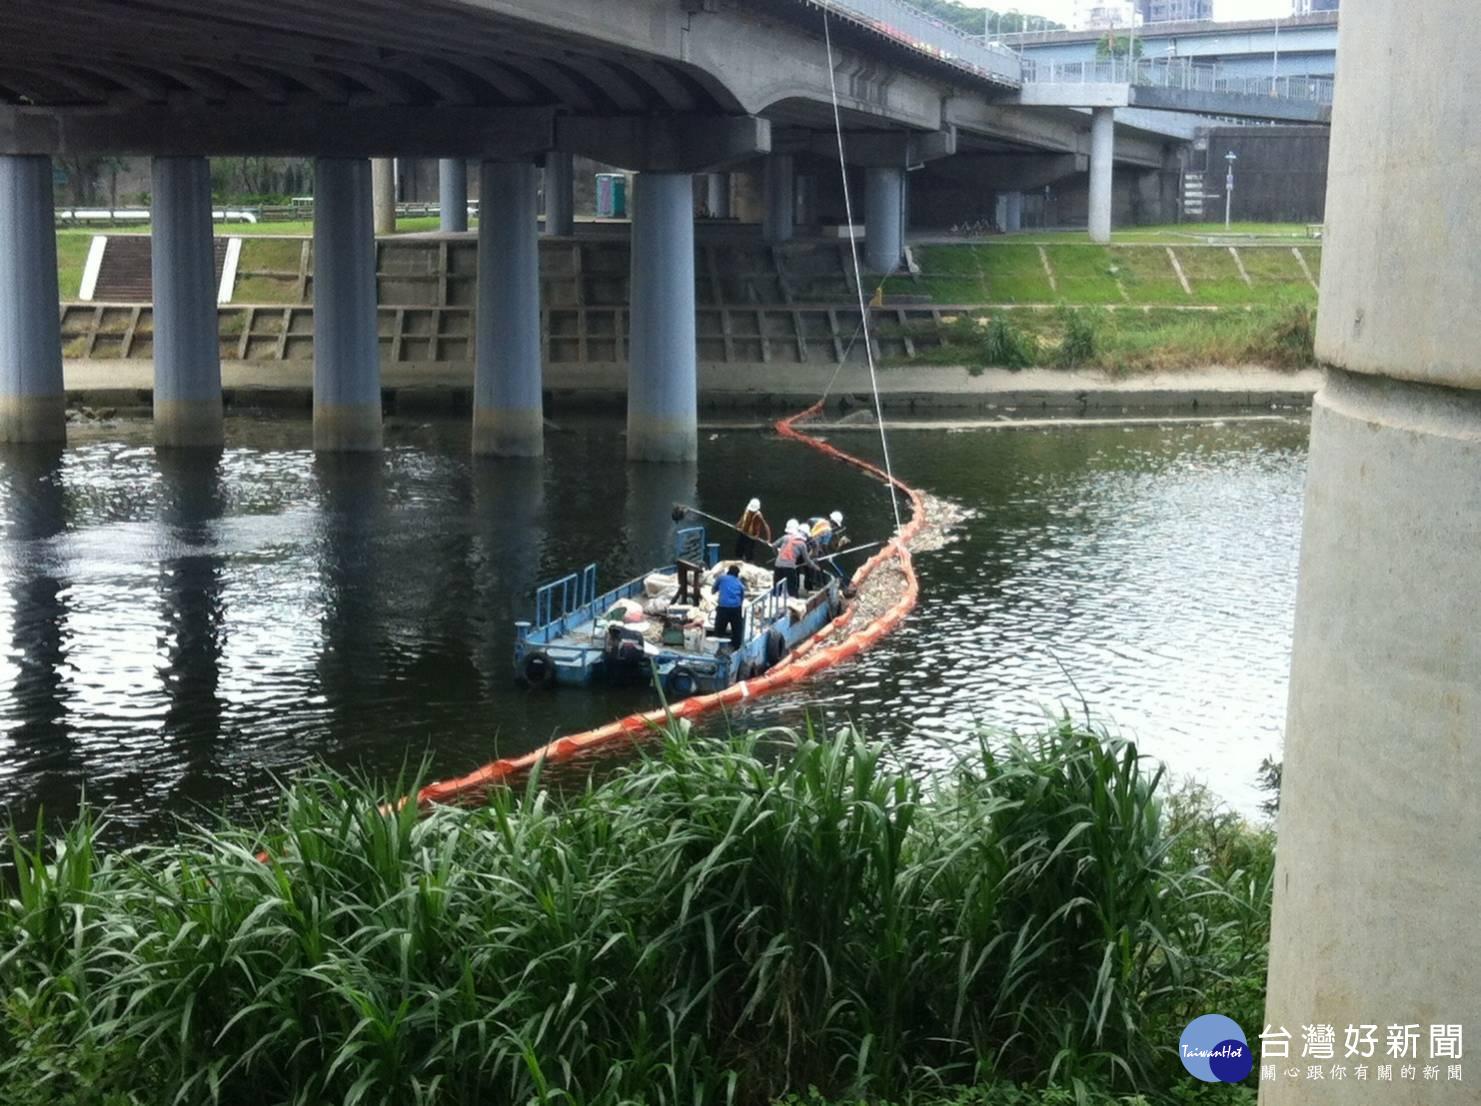 基隆河設攔污索 攔阻上游死魚漂至北市